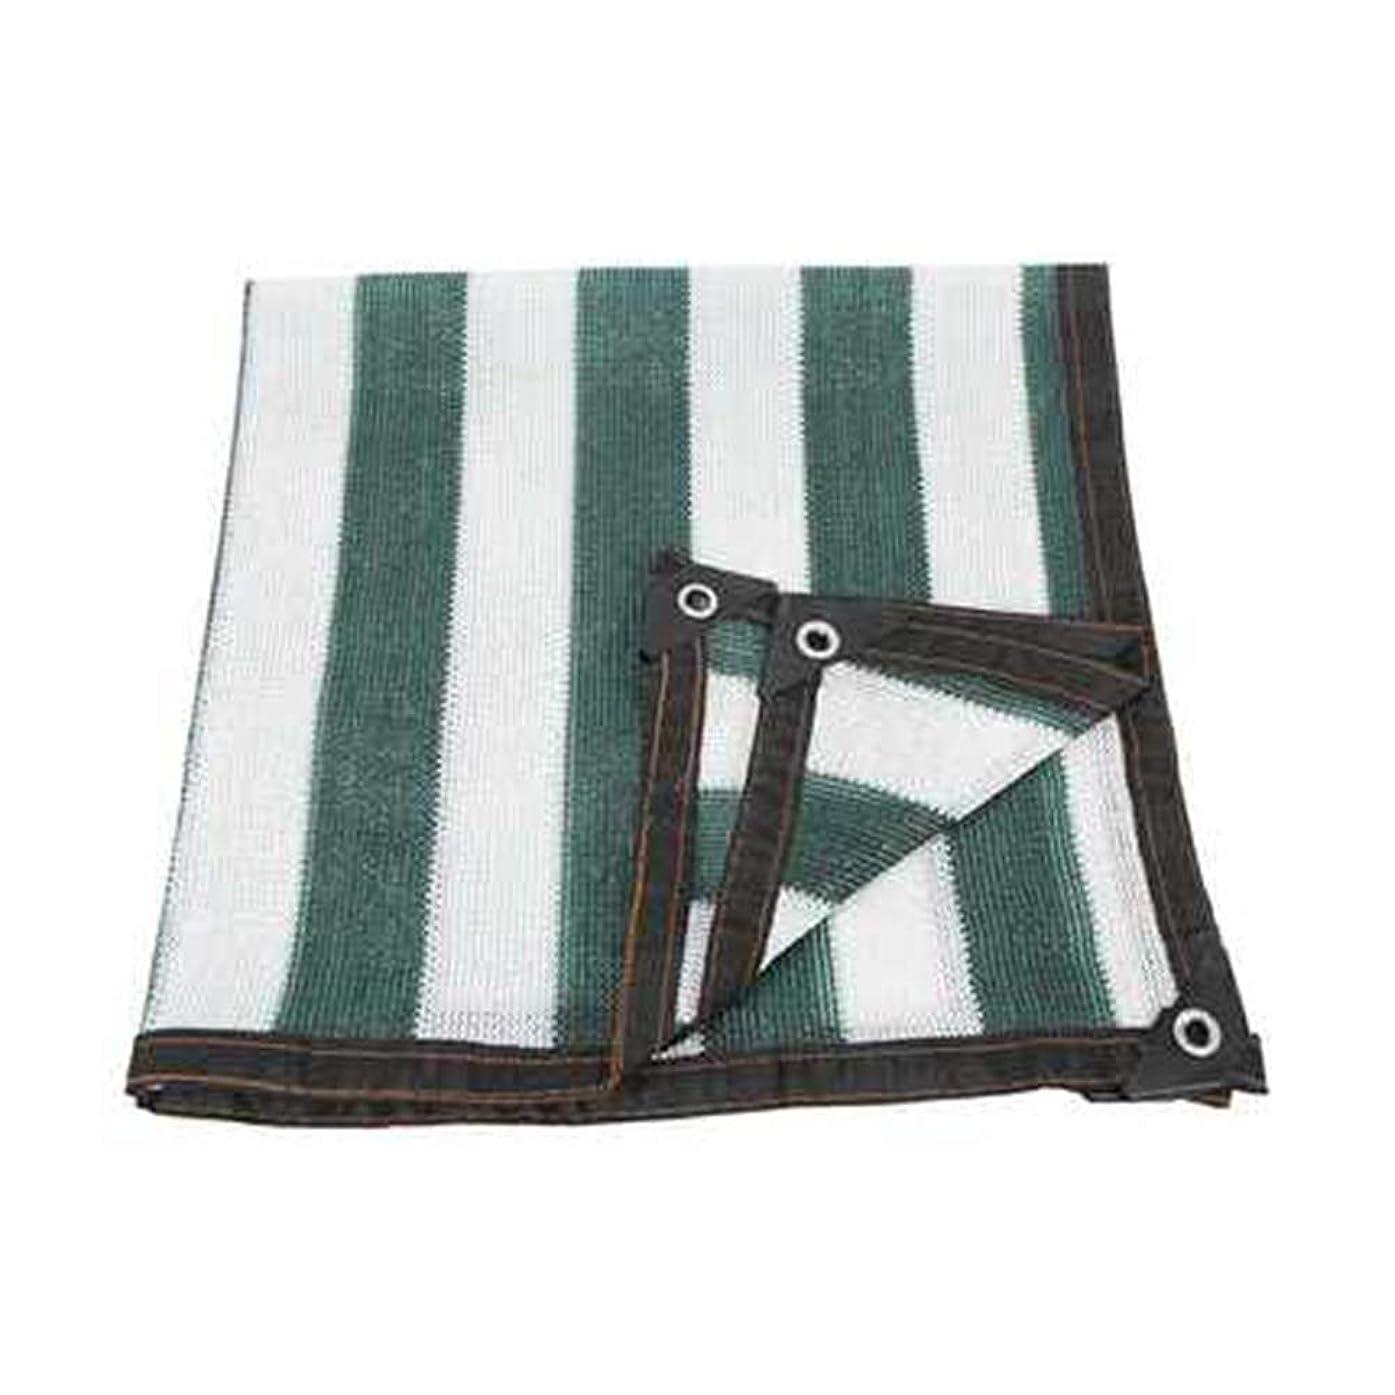 キー険しい羊飼い遮光布 遮光ネット ポリエチレン 6ピン密度 のために適した パーティー/庭/温室,green+white,10*10m